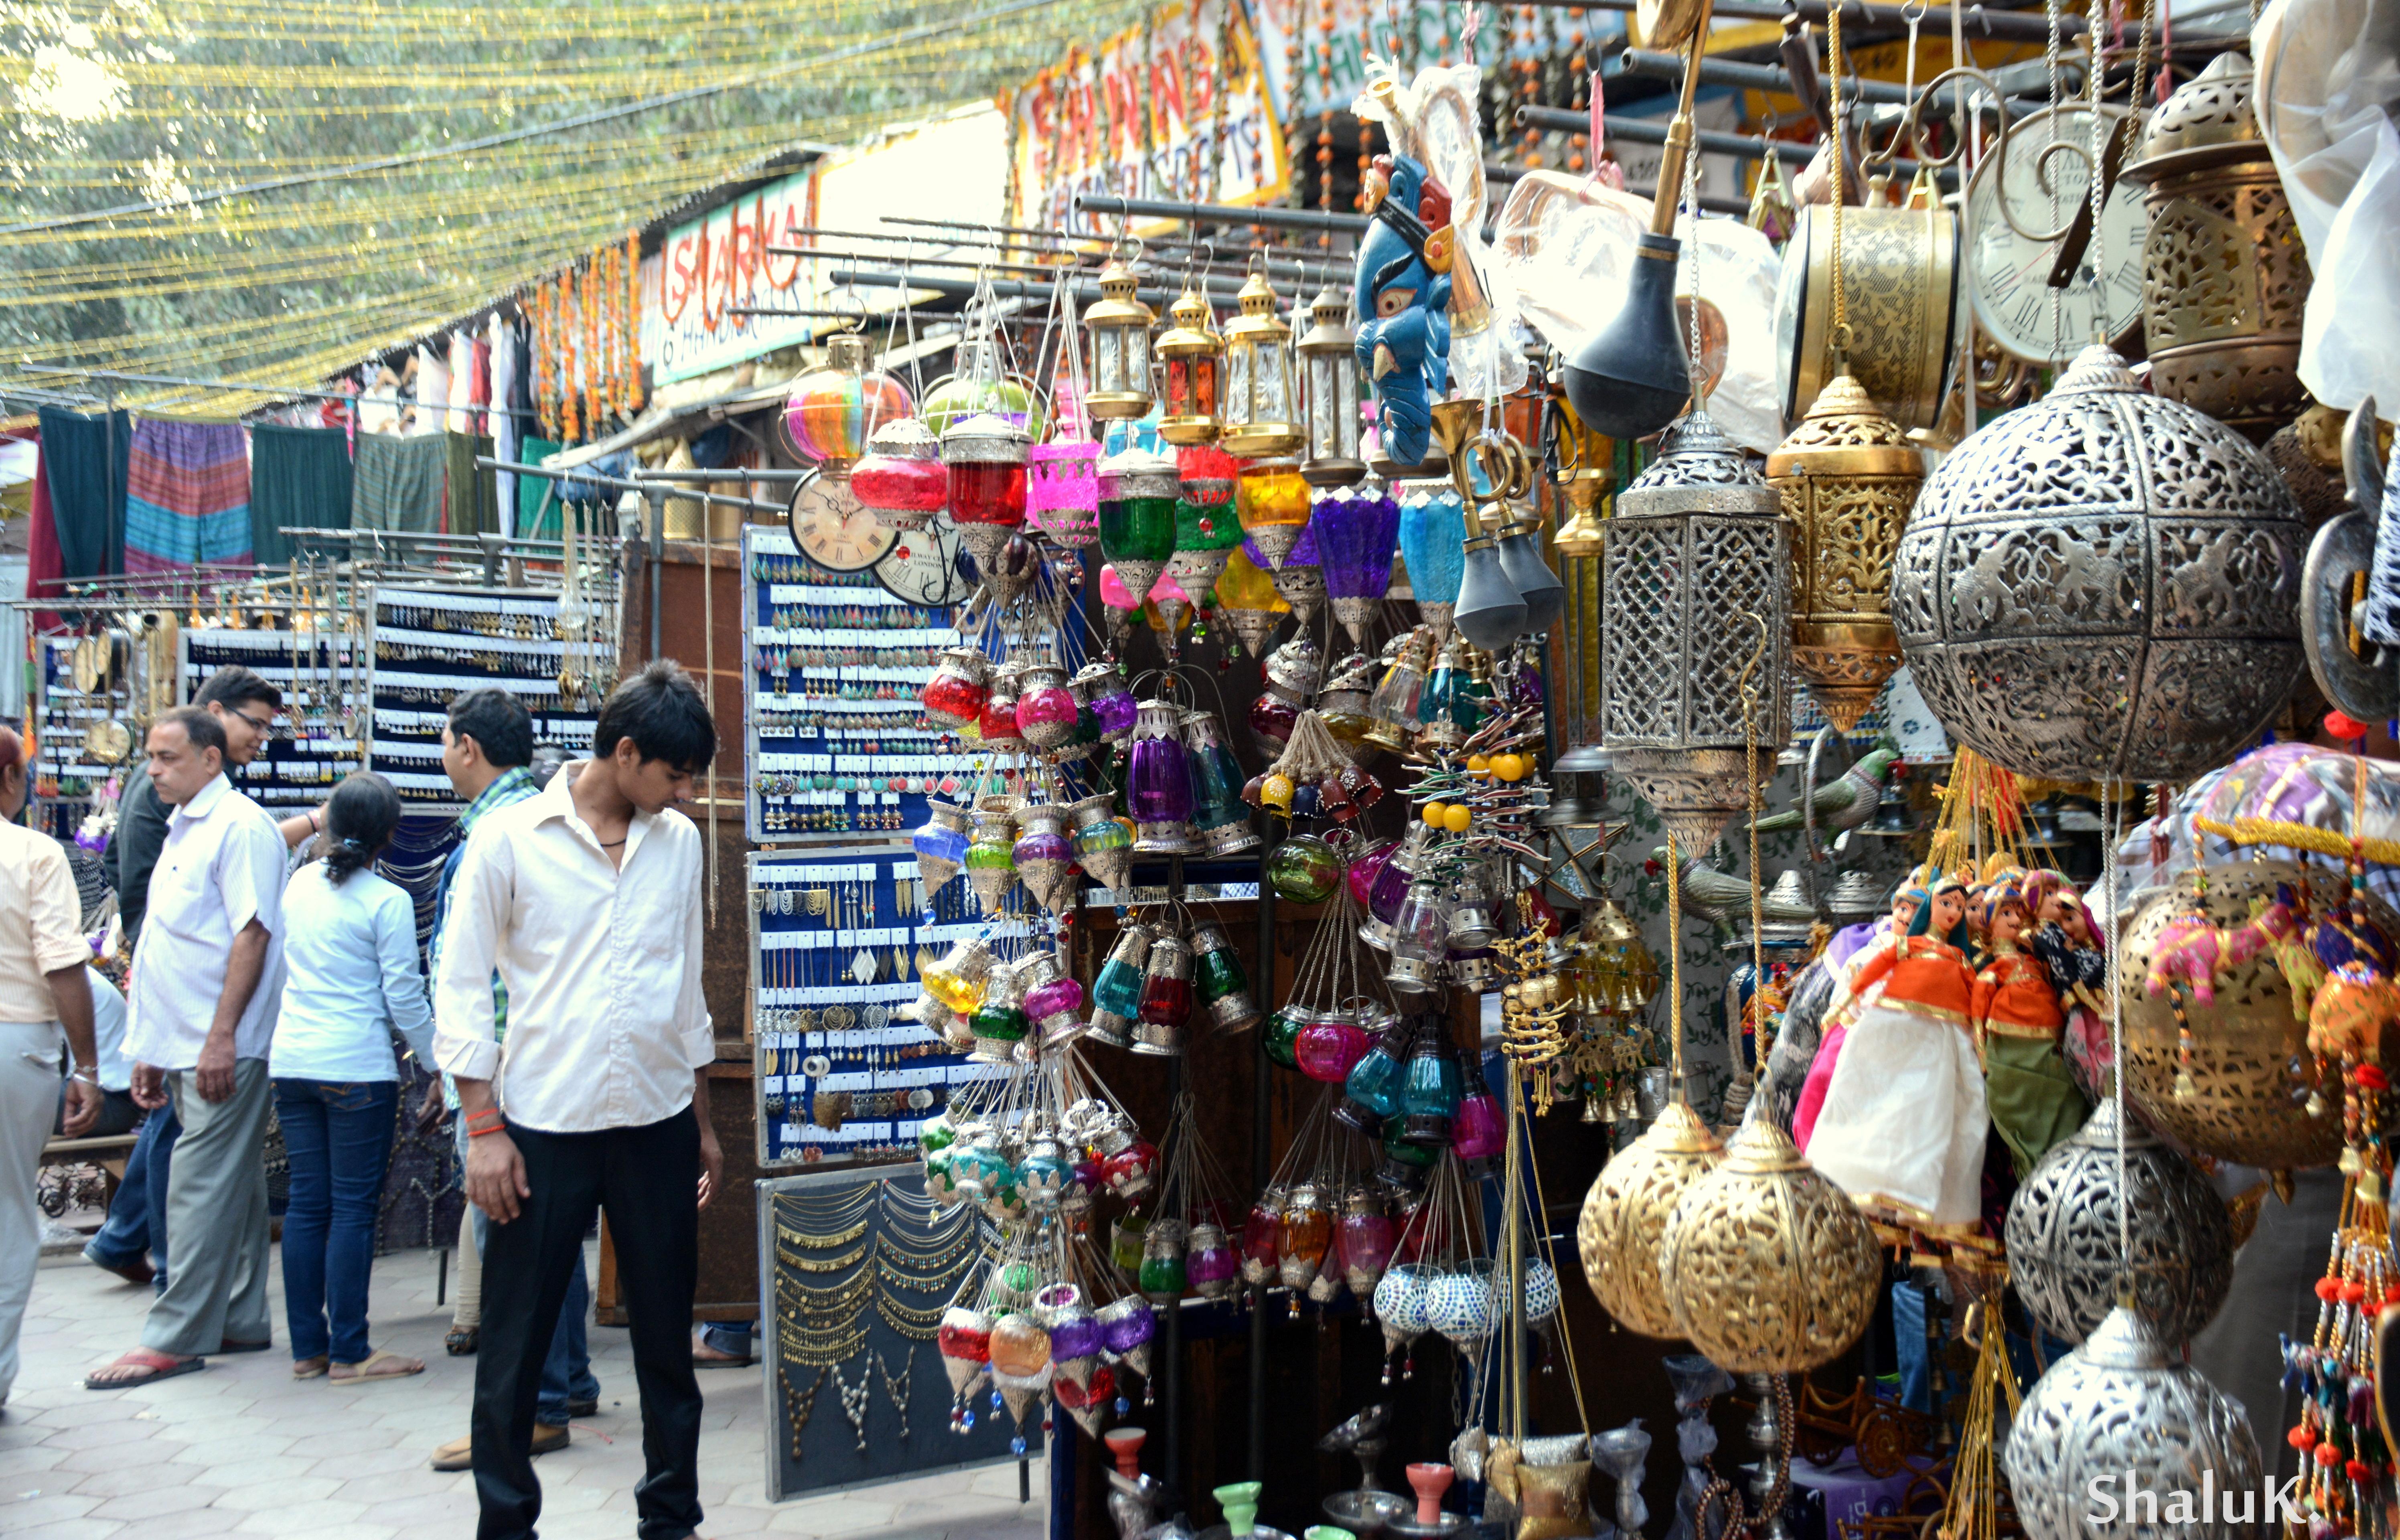 6 Reasons Why We Love The Sarojini Nagar Market More Than